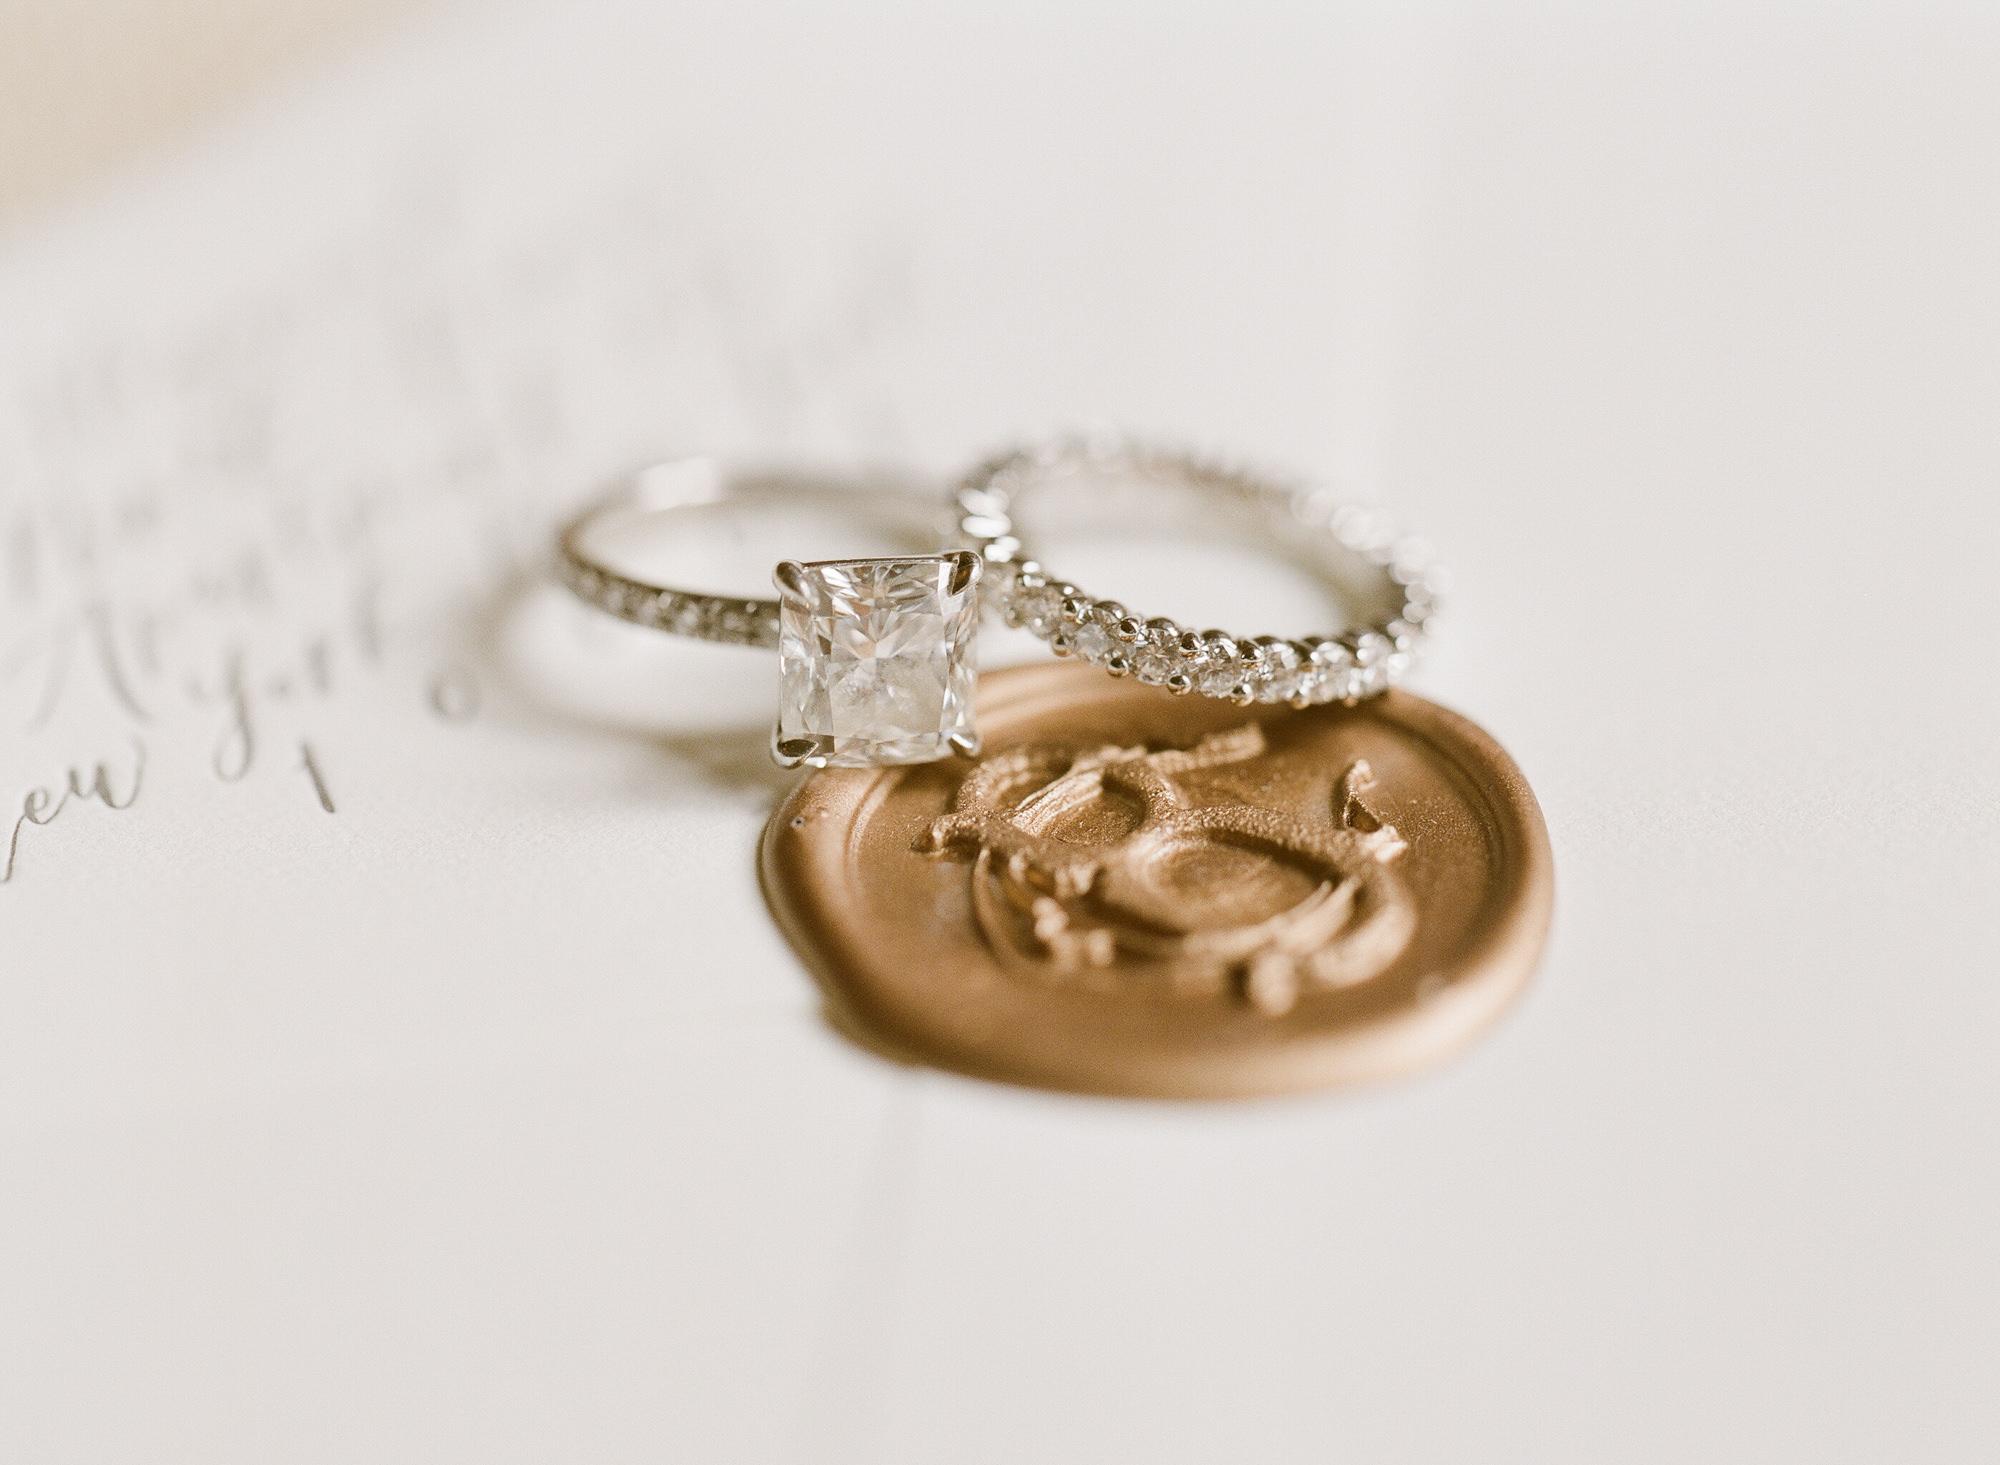 Macro shot of wedding rings on seal, by Greg Finck